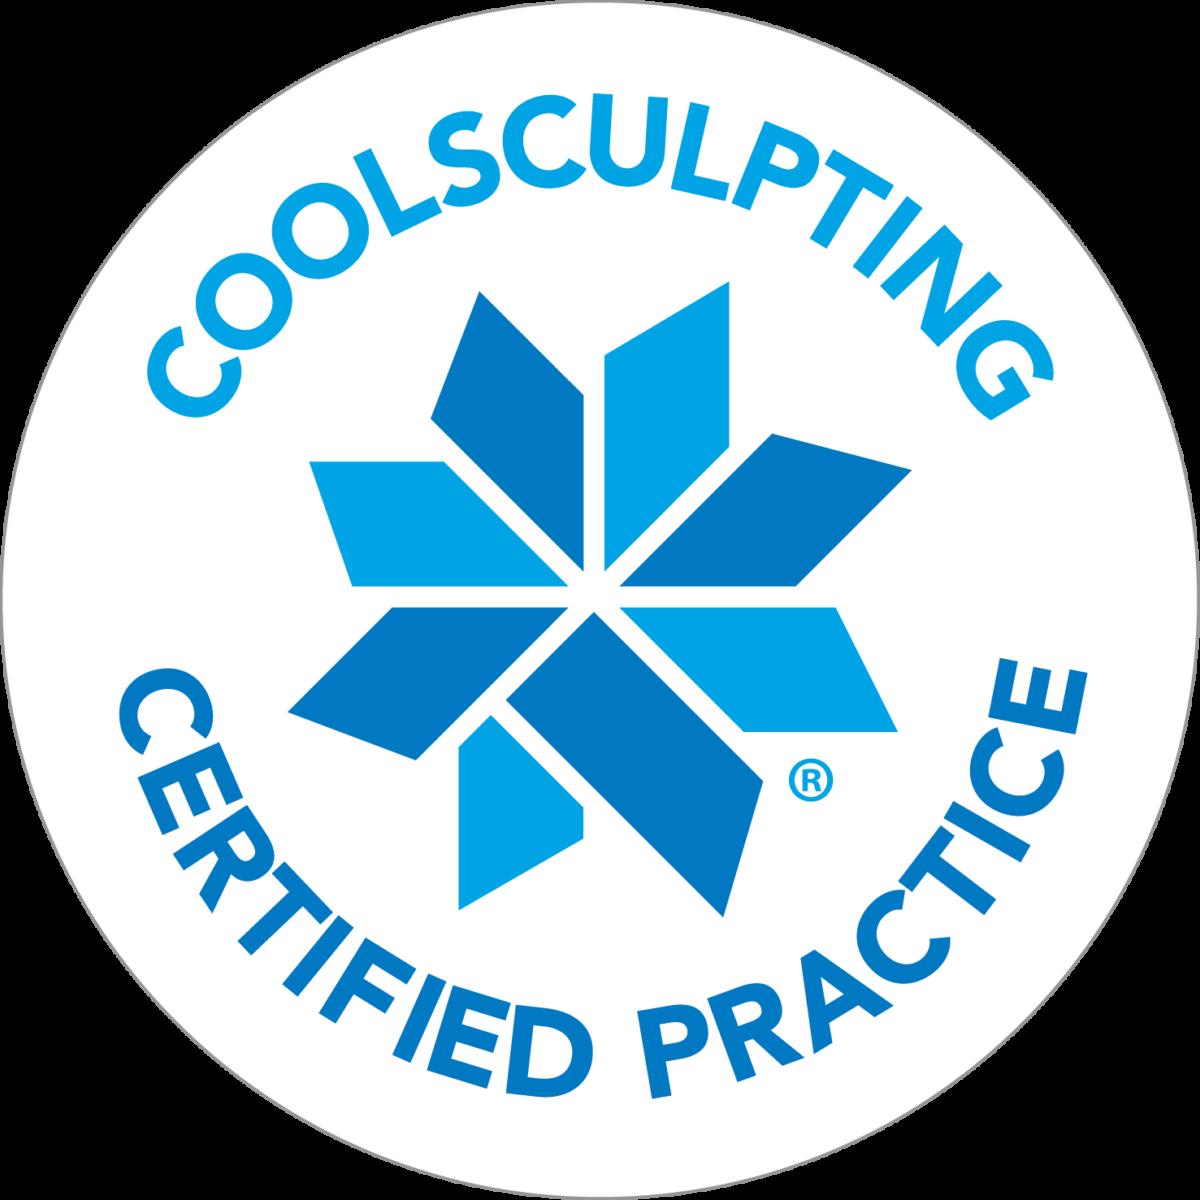 https://heightslaser.com/wp-content/uploads/2019/10/Zeltiq-Certification-Seal.png